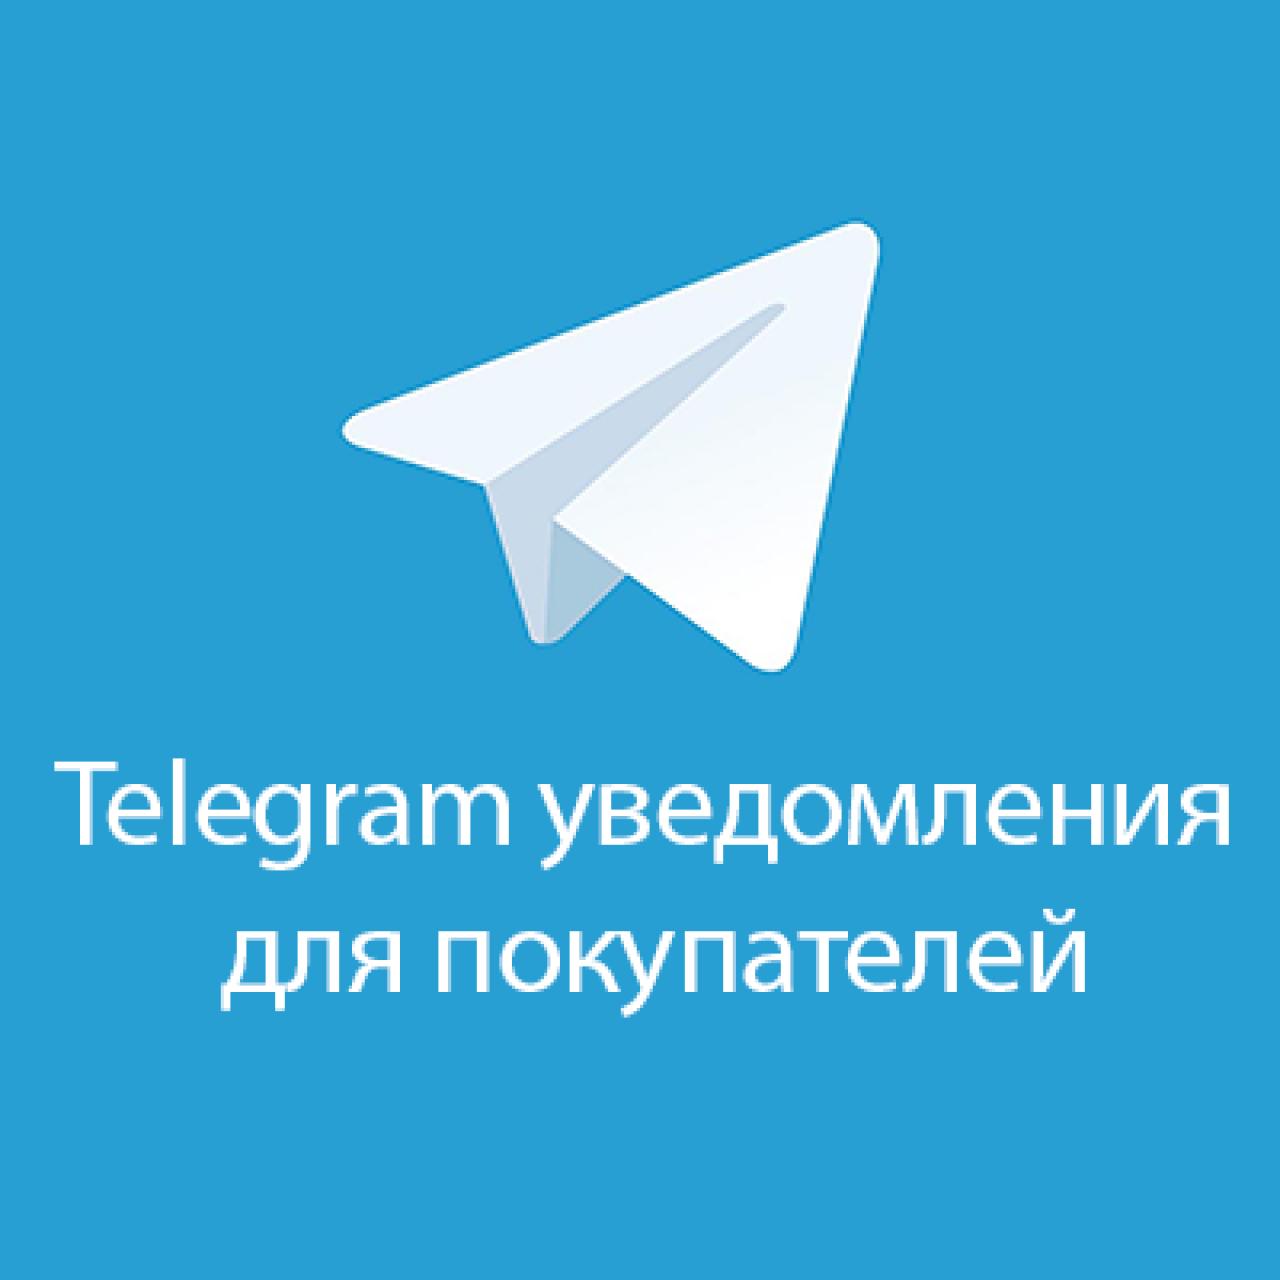 Telegram уведомления для покупателей из категории Письма, почта, sms для CMS OpenCart (ОпенКарт)